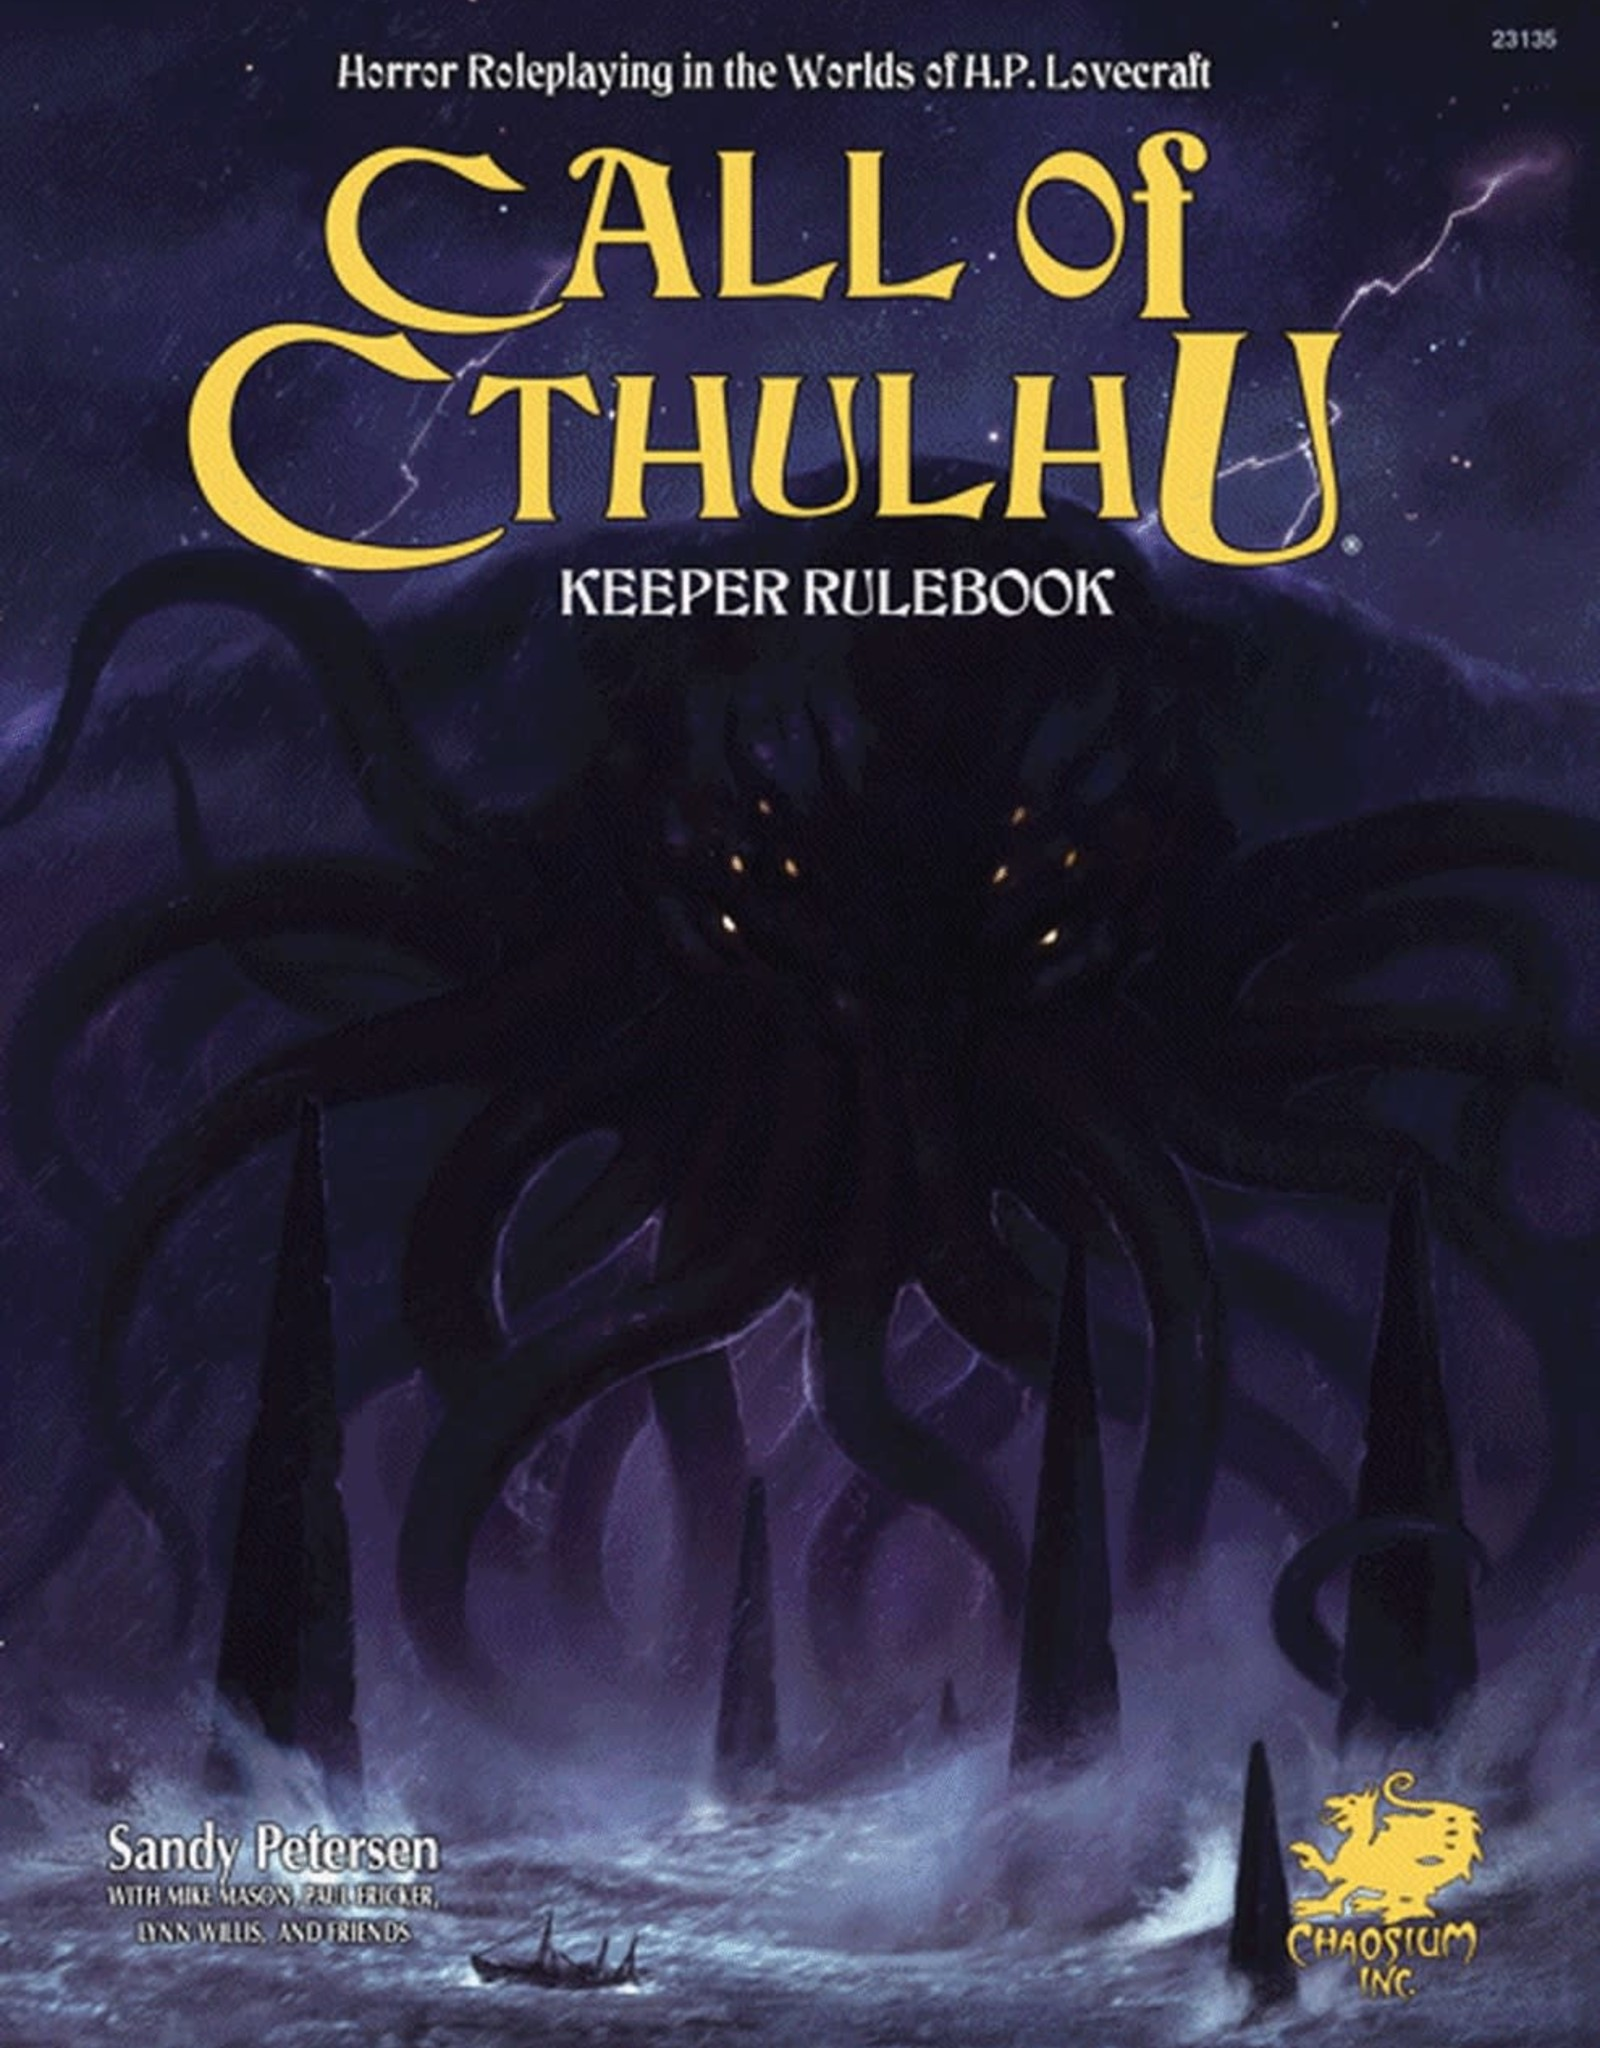 Call of Cthulhu Call of Cthulu Keeper Rulebook